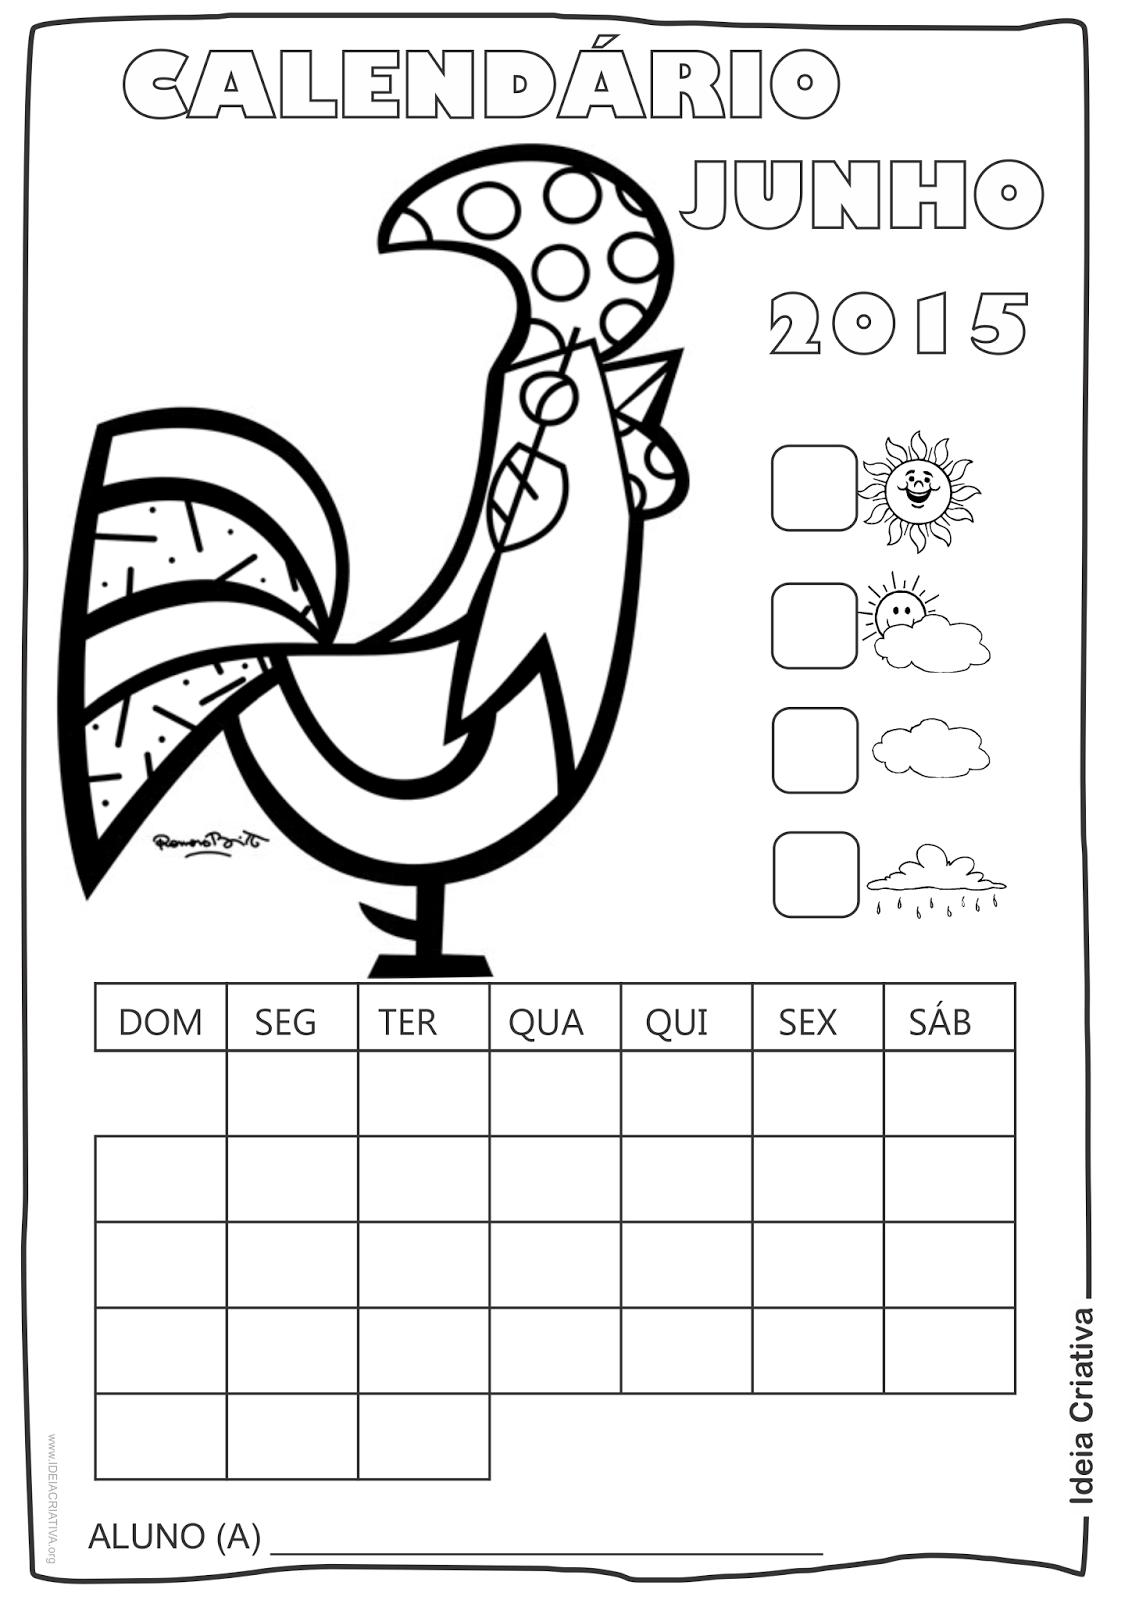 Calendário  Maio 2015 com Desenho Galo de Romero Britto para Colorir Sem Numeração